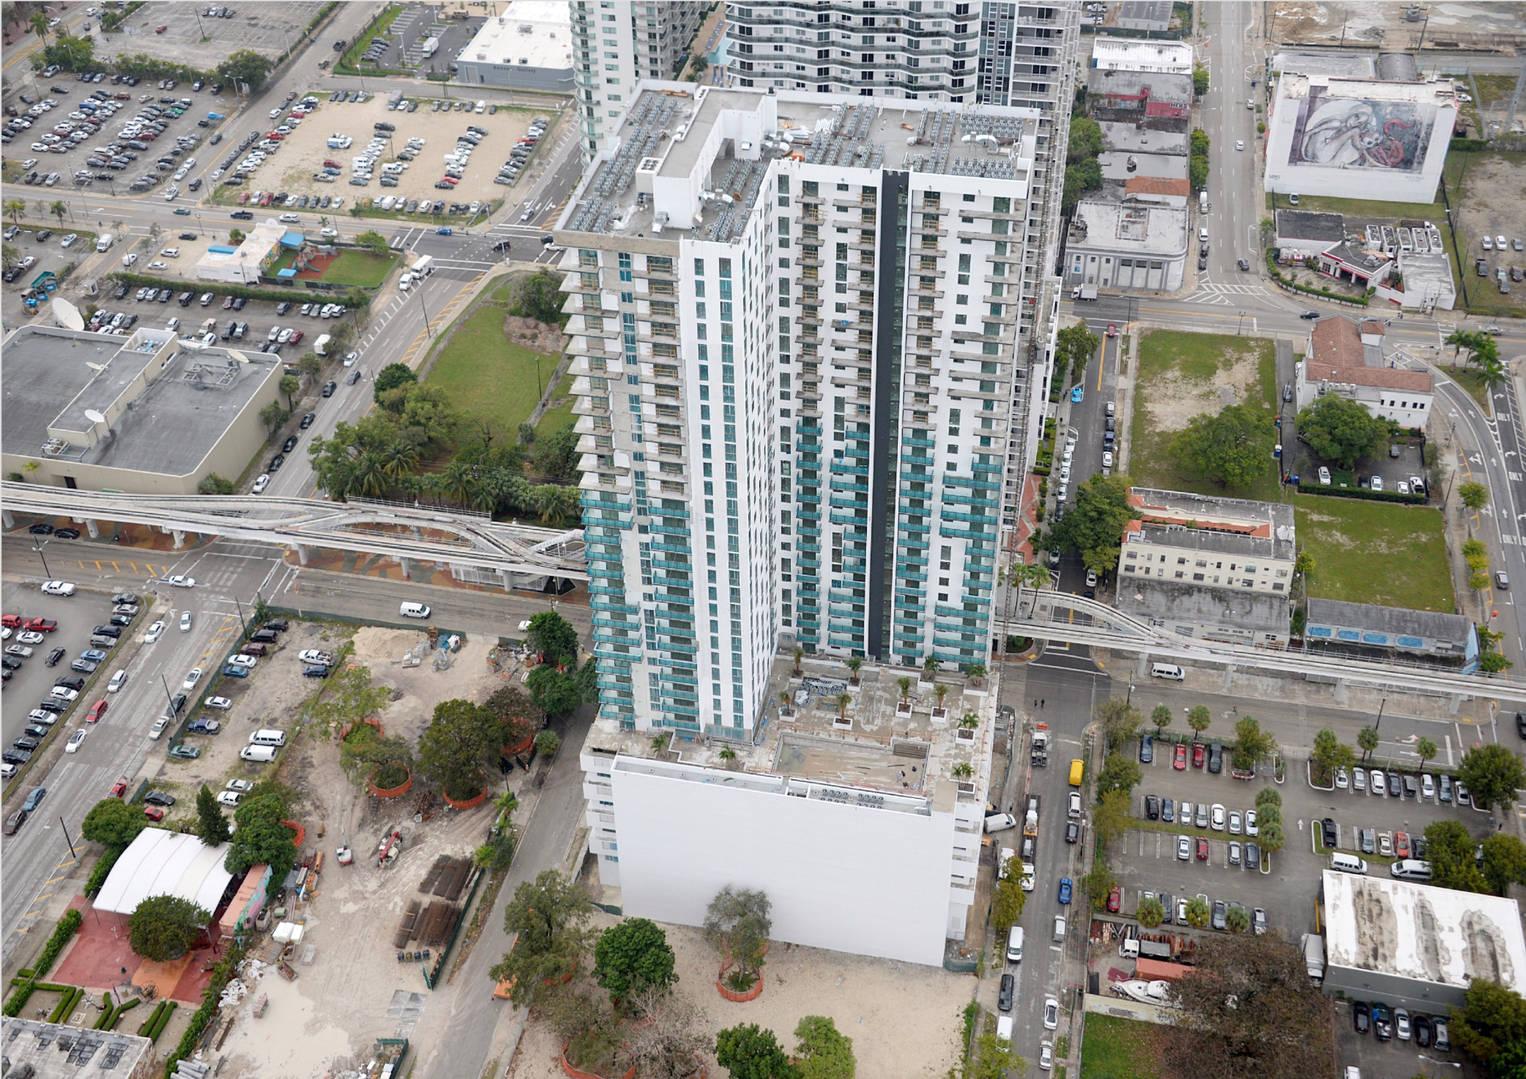 Miami Plaza